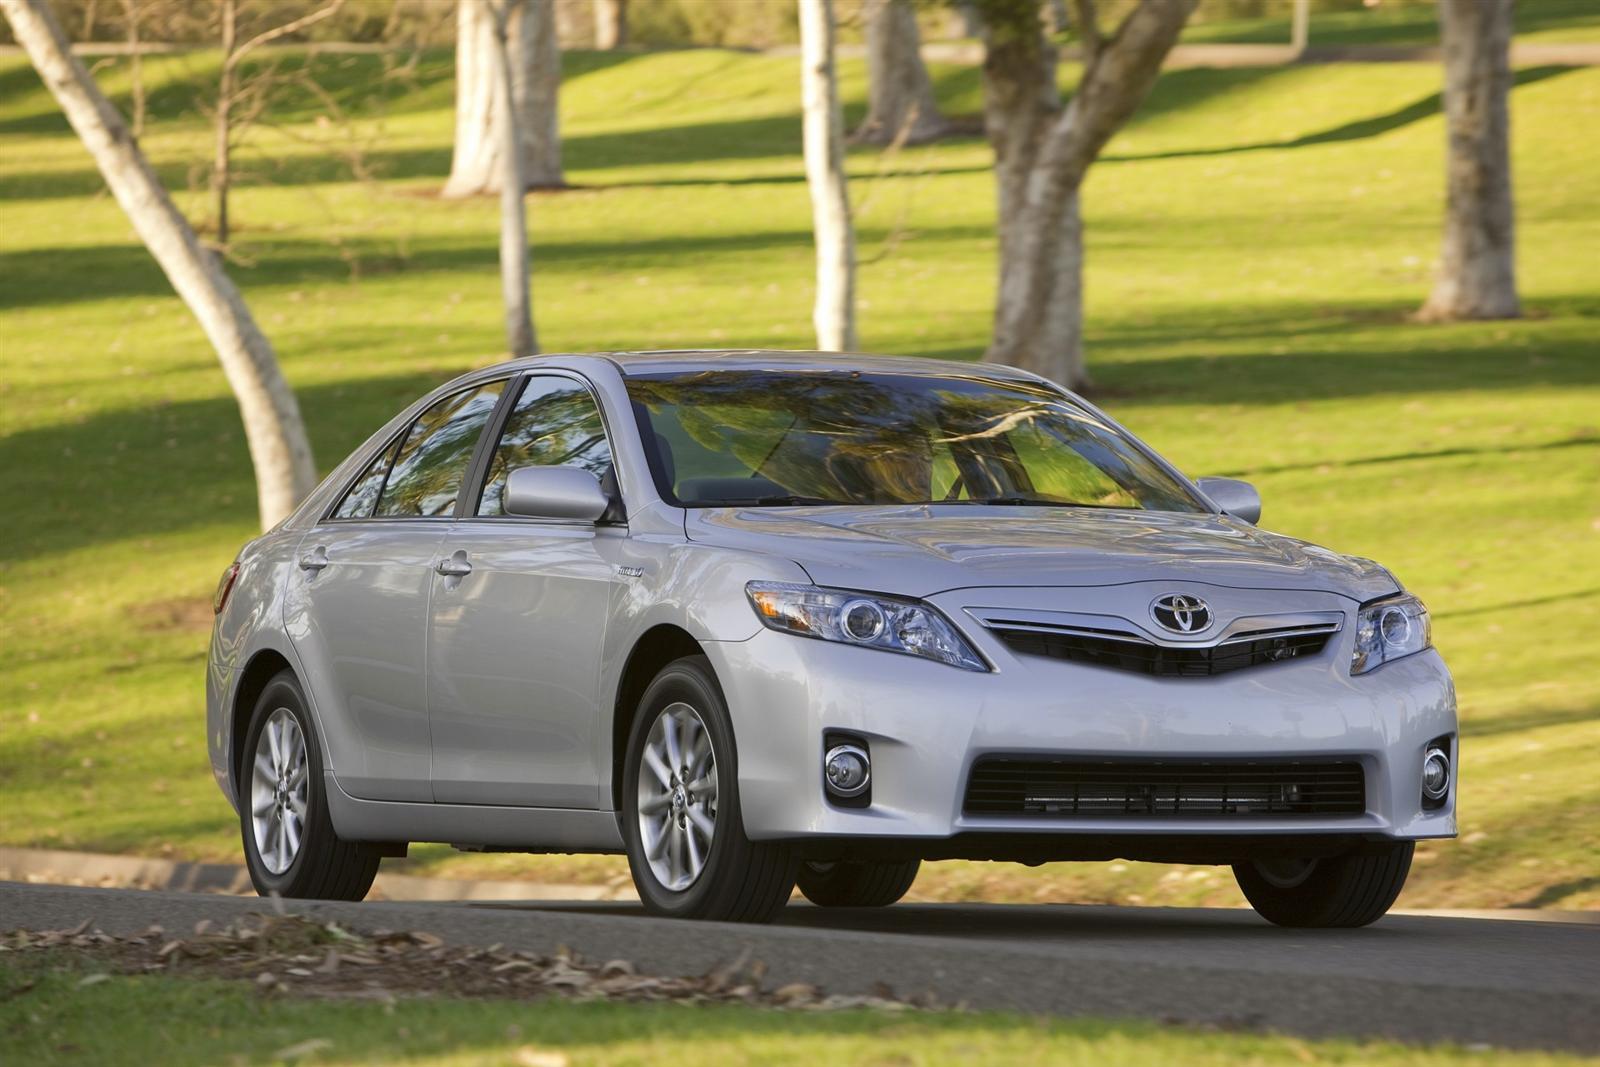 Toyota chỉ sửa chữa chứ không thu hồi Camry